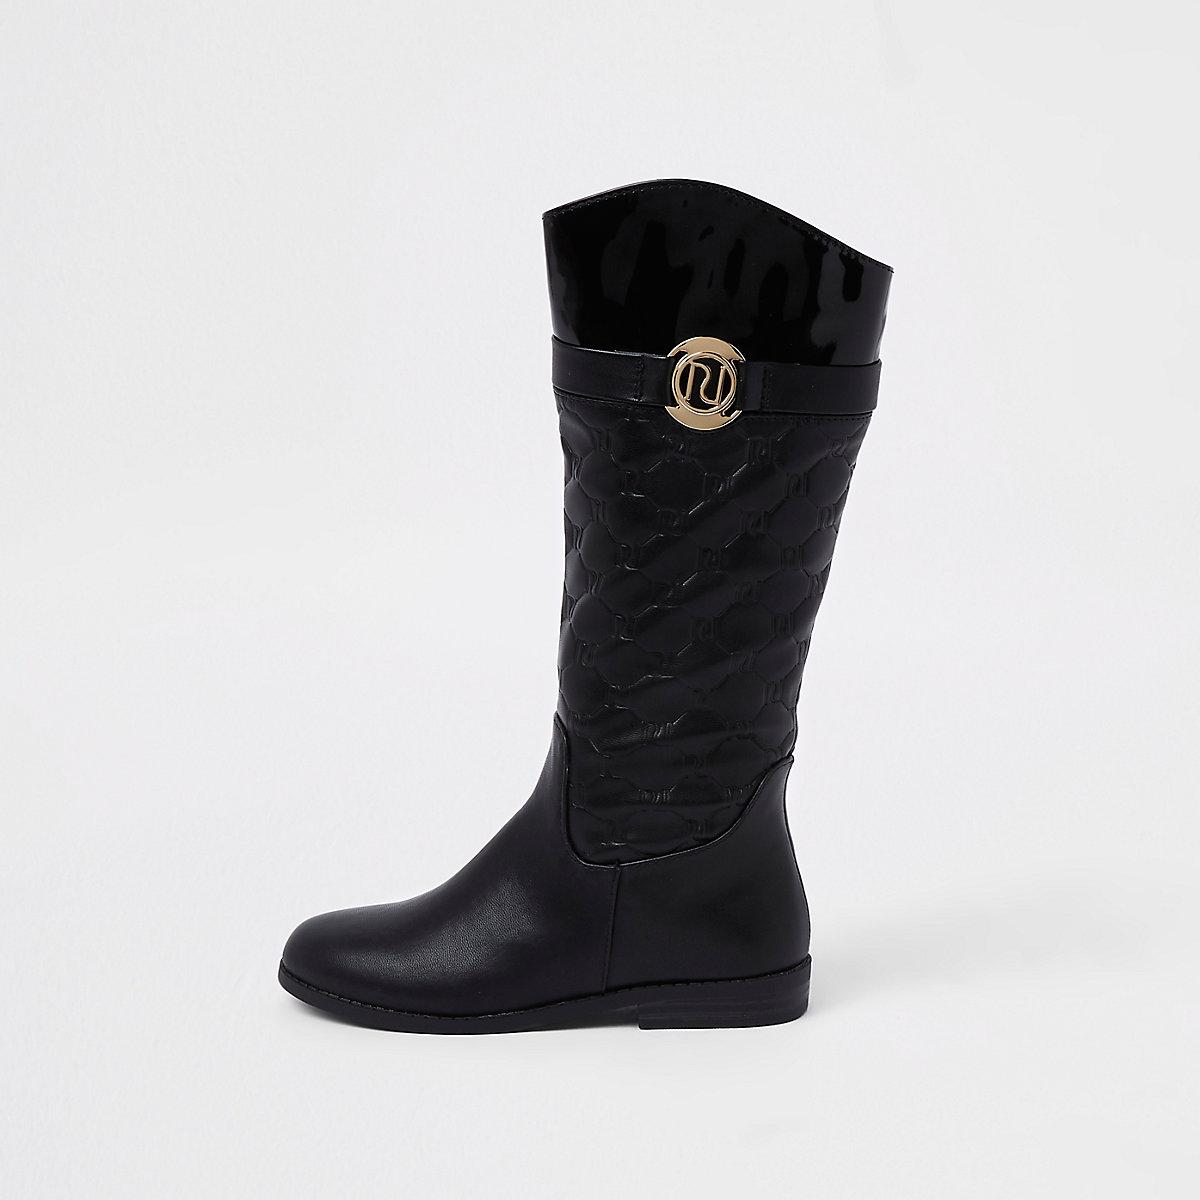 Girls black RI monogram knee high boot